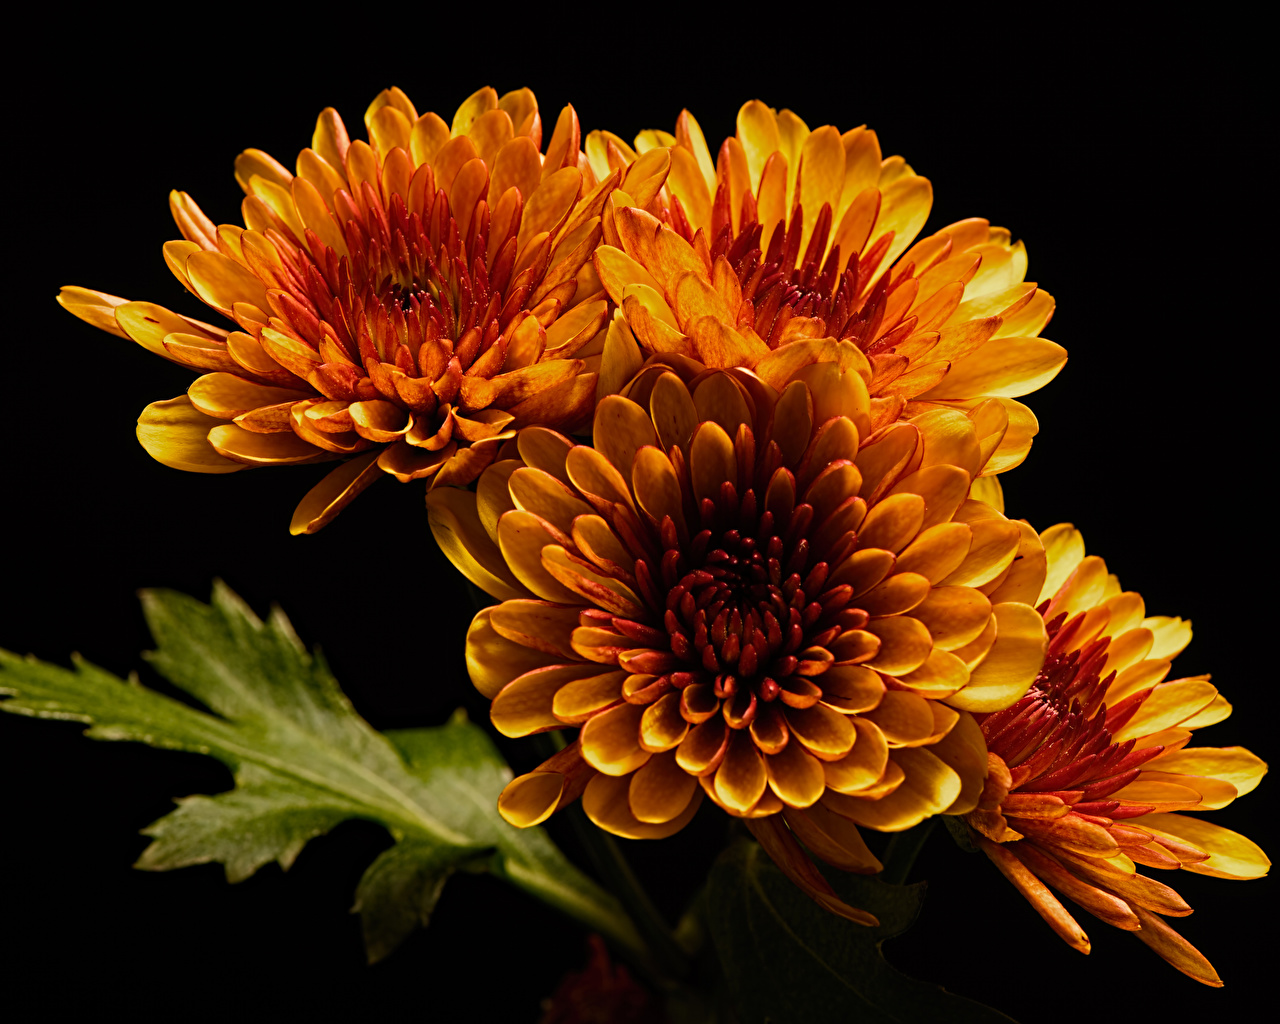 Картинка оранжевые Цветы Хризантемы на черном фоне Крупным планом оранжевых Оранжевый оранжевая цветок вблизи Черный фон